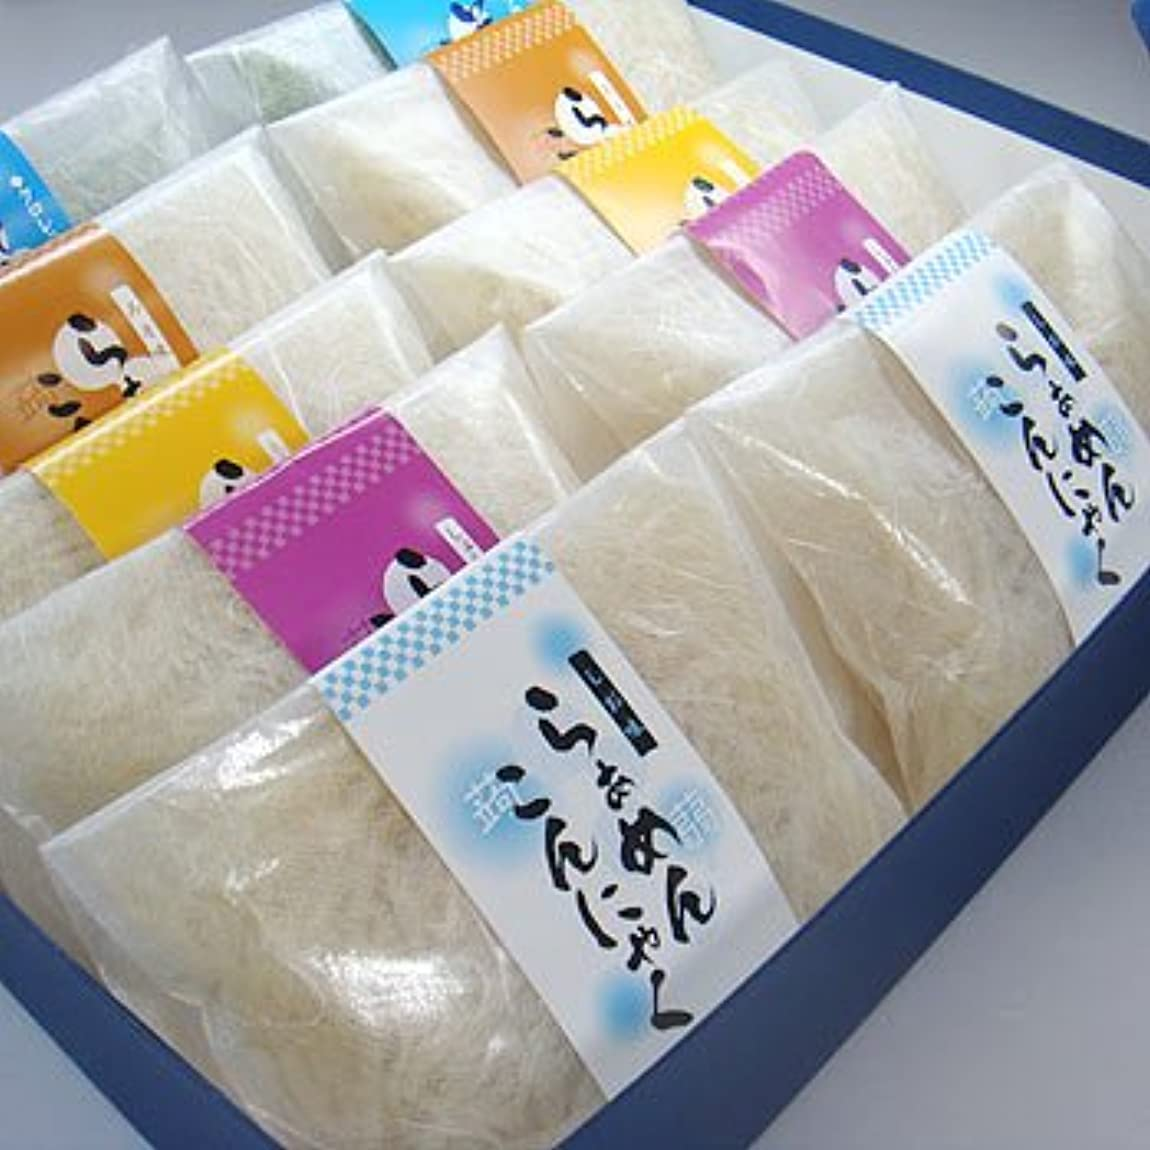 燃料松の木量ギフト箱入こんにゃくラーメン10食セット【お中元】【ギフト】【ダイエット】【蒟蒻麺】